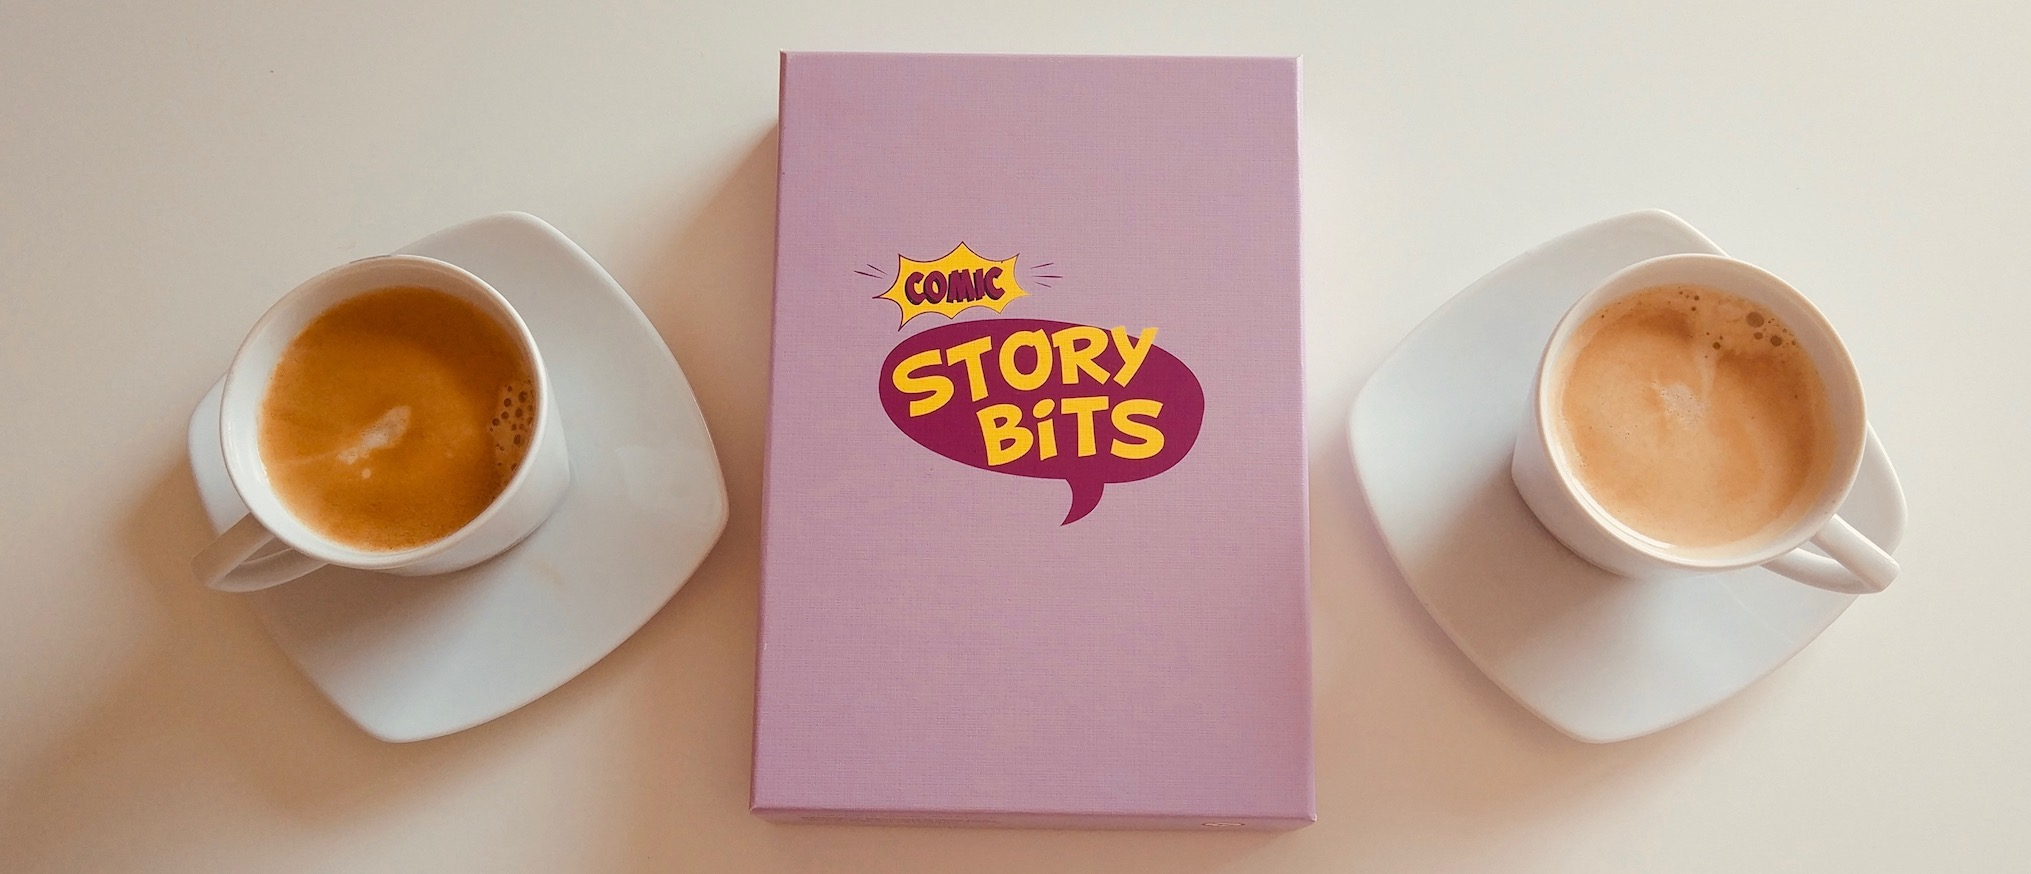 Pisanie - Ciocia Dobra Rada StoryBits Comic